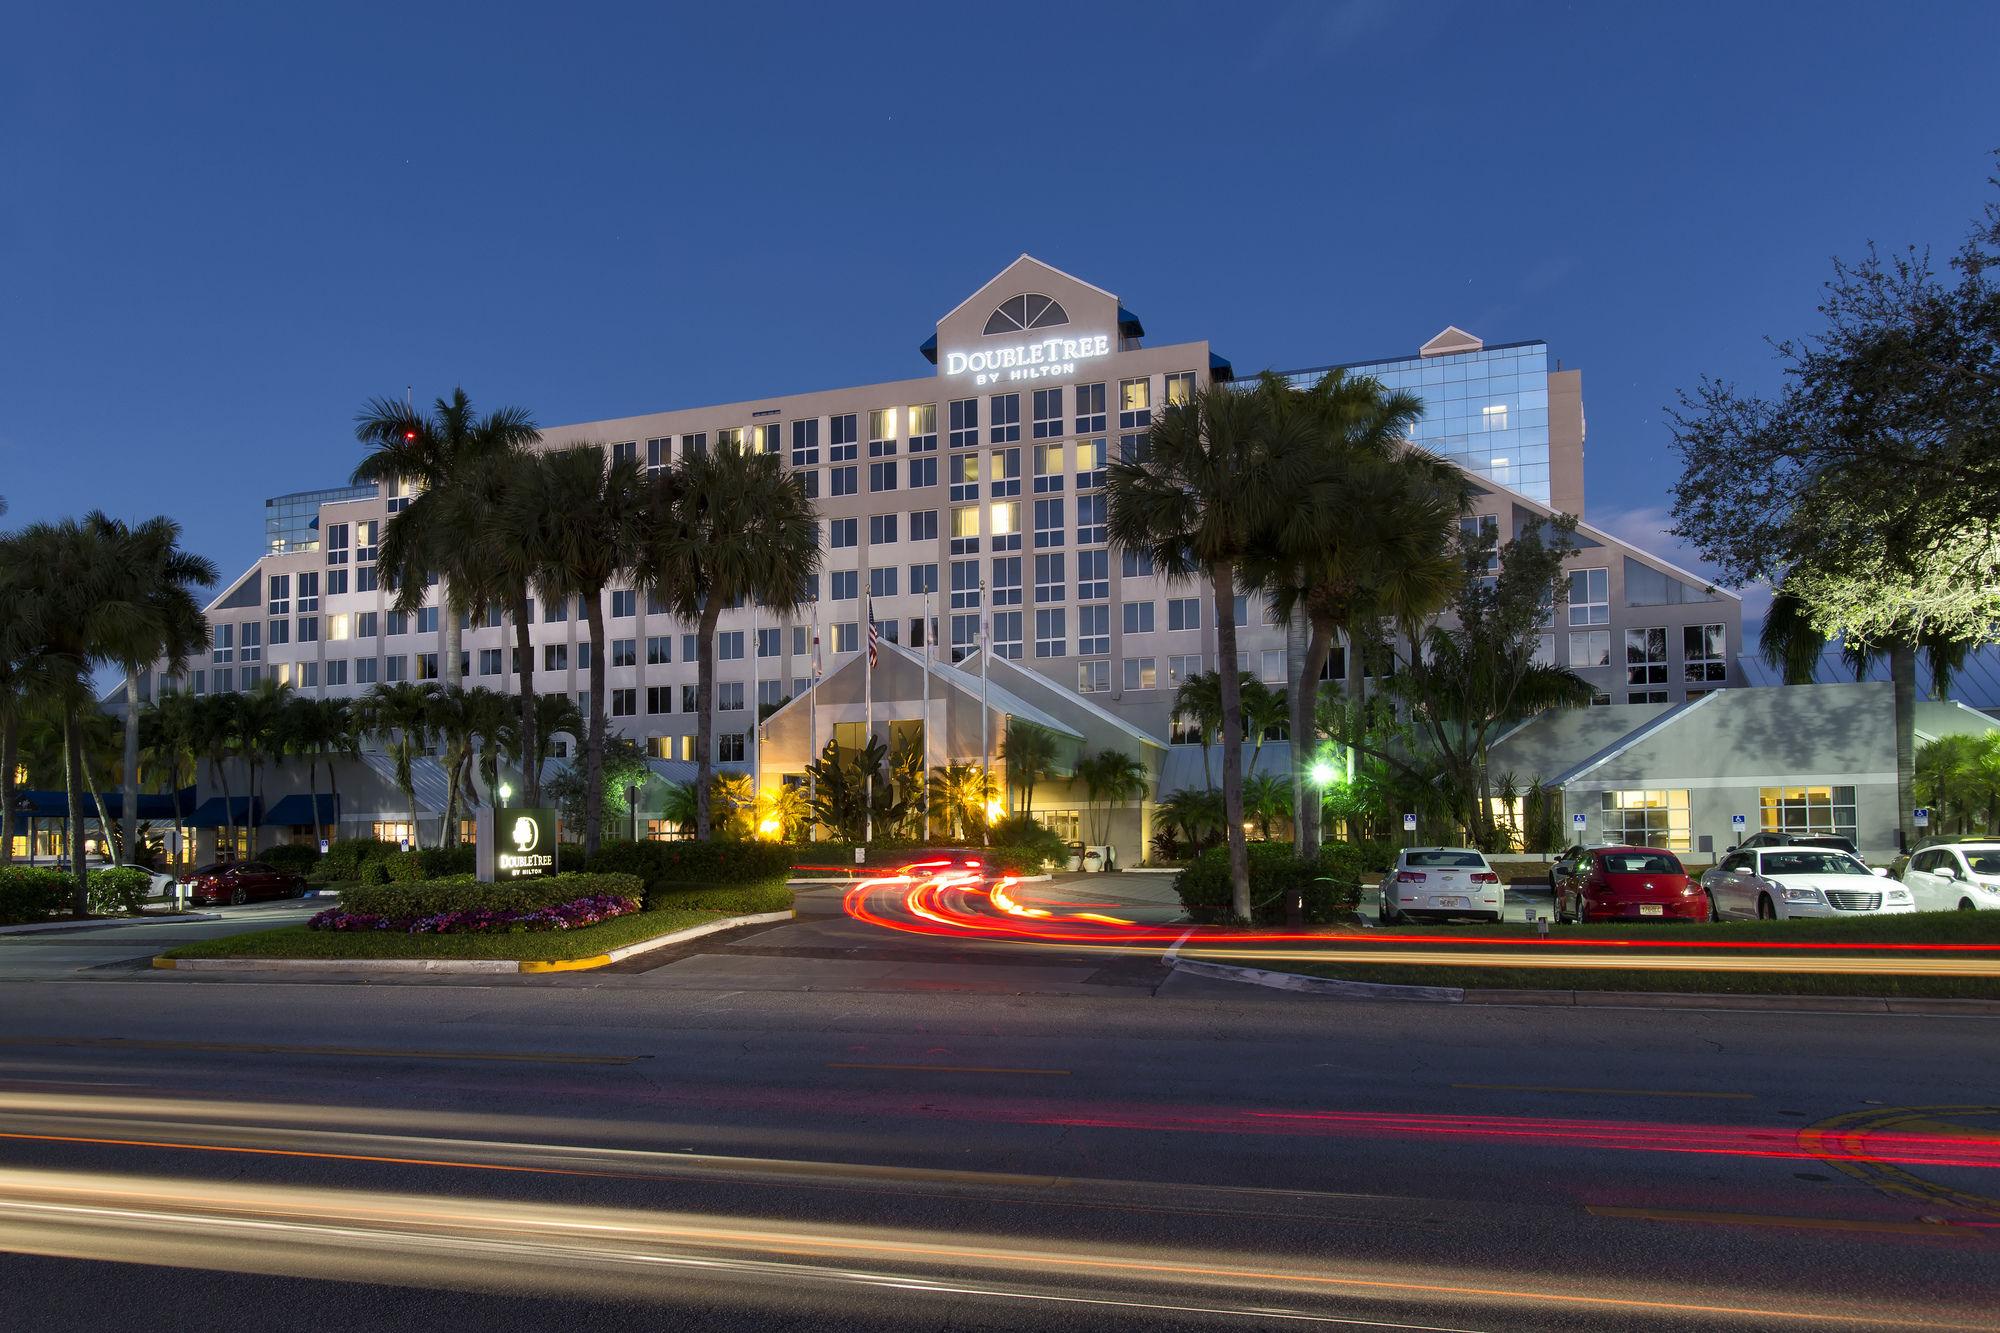 Doubletree by Hilton Hotel Deerfield Beach - Boca Raton in Deerfield Beach, FL